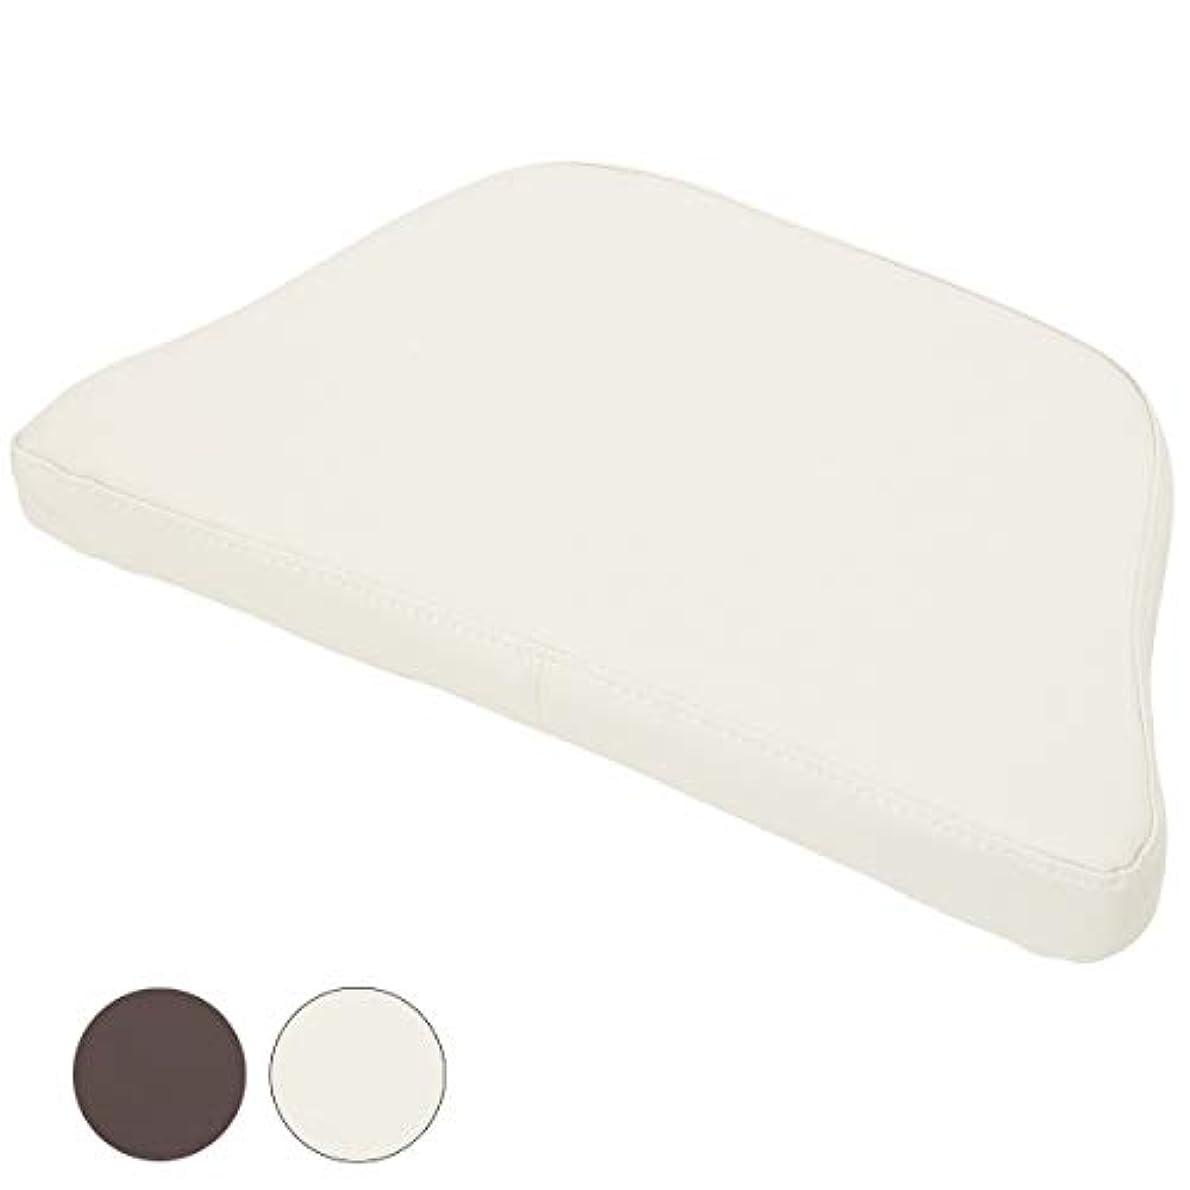 とんでもない乳白色おとなしいフェイシャルベッド用 マクラ 全2色 ホワイト [ フェイシャルベッド マッサージベッド 施術ベッド 整体ベッド エステベッド マッサージ台 施術台 マッサージ枕 マッサージマクラ リクライニング 整体 ベッド 枕 ]